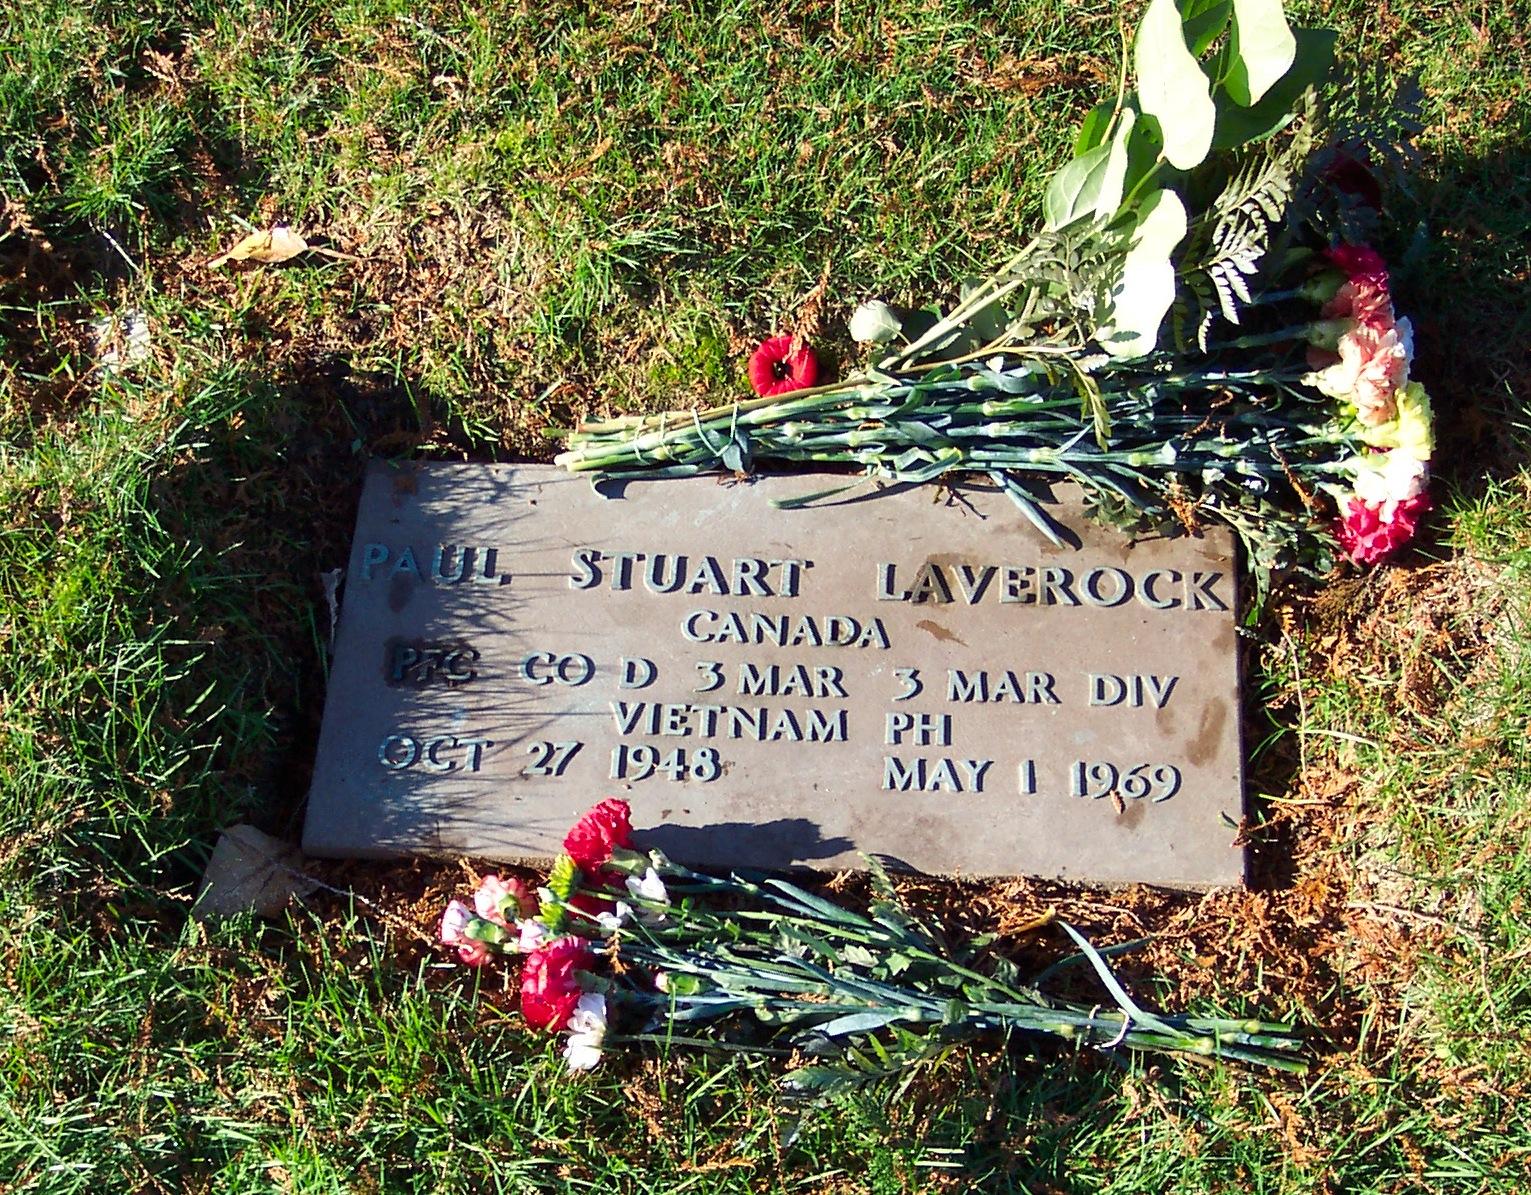 PFC Paul Stuart Laverock